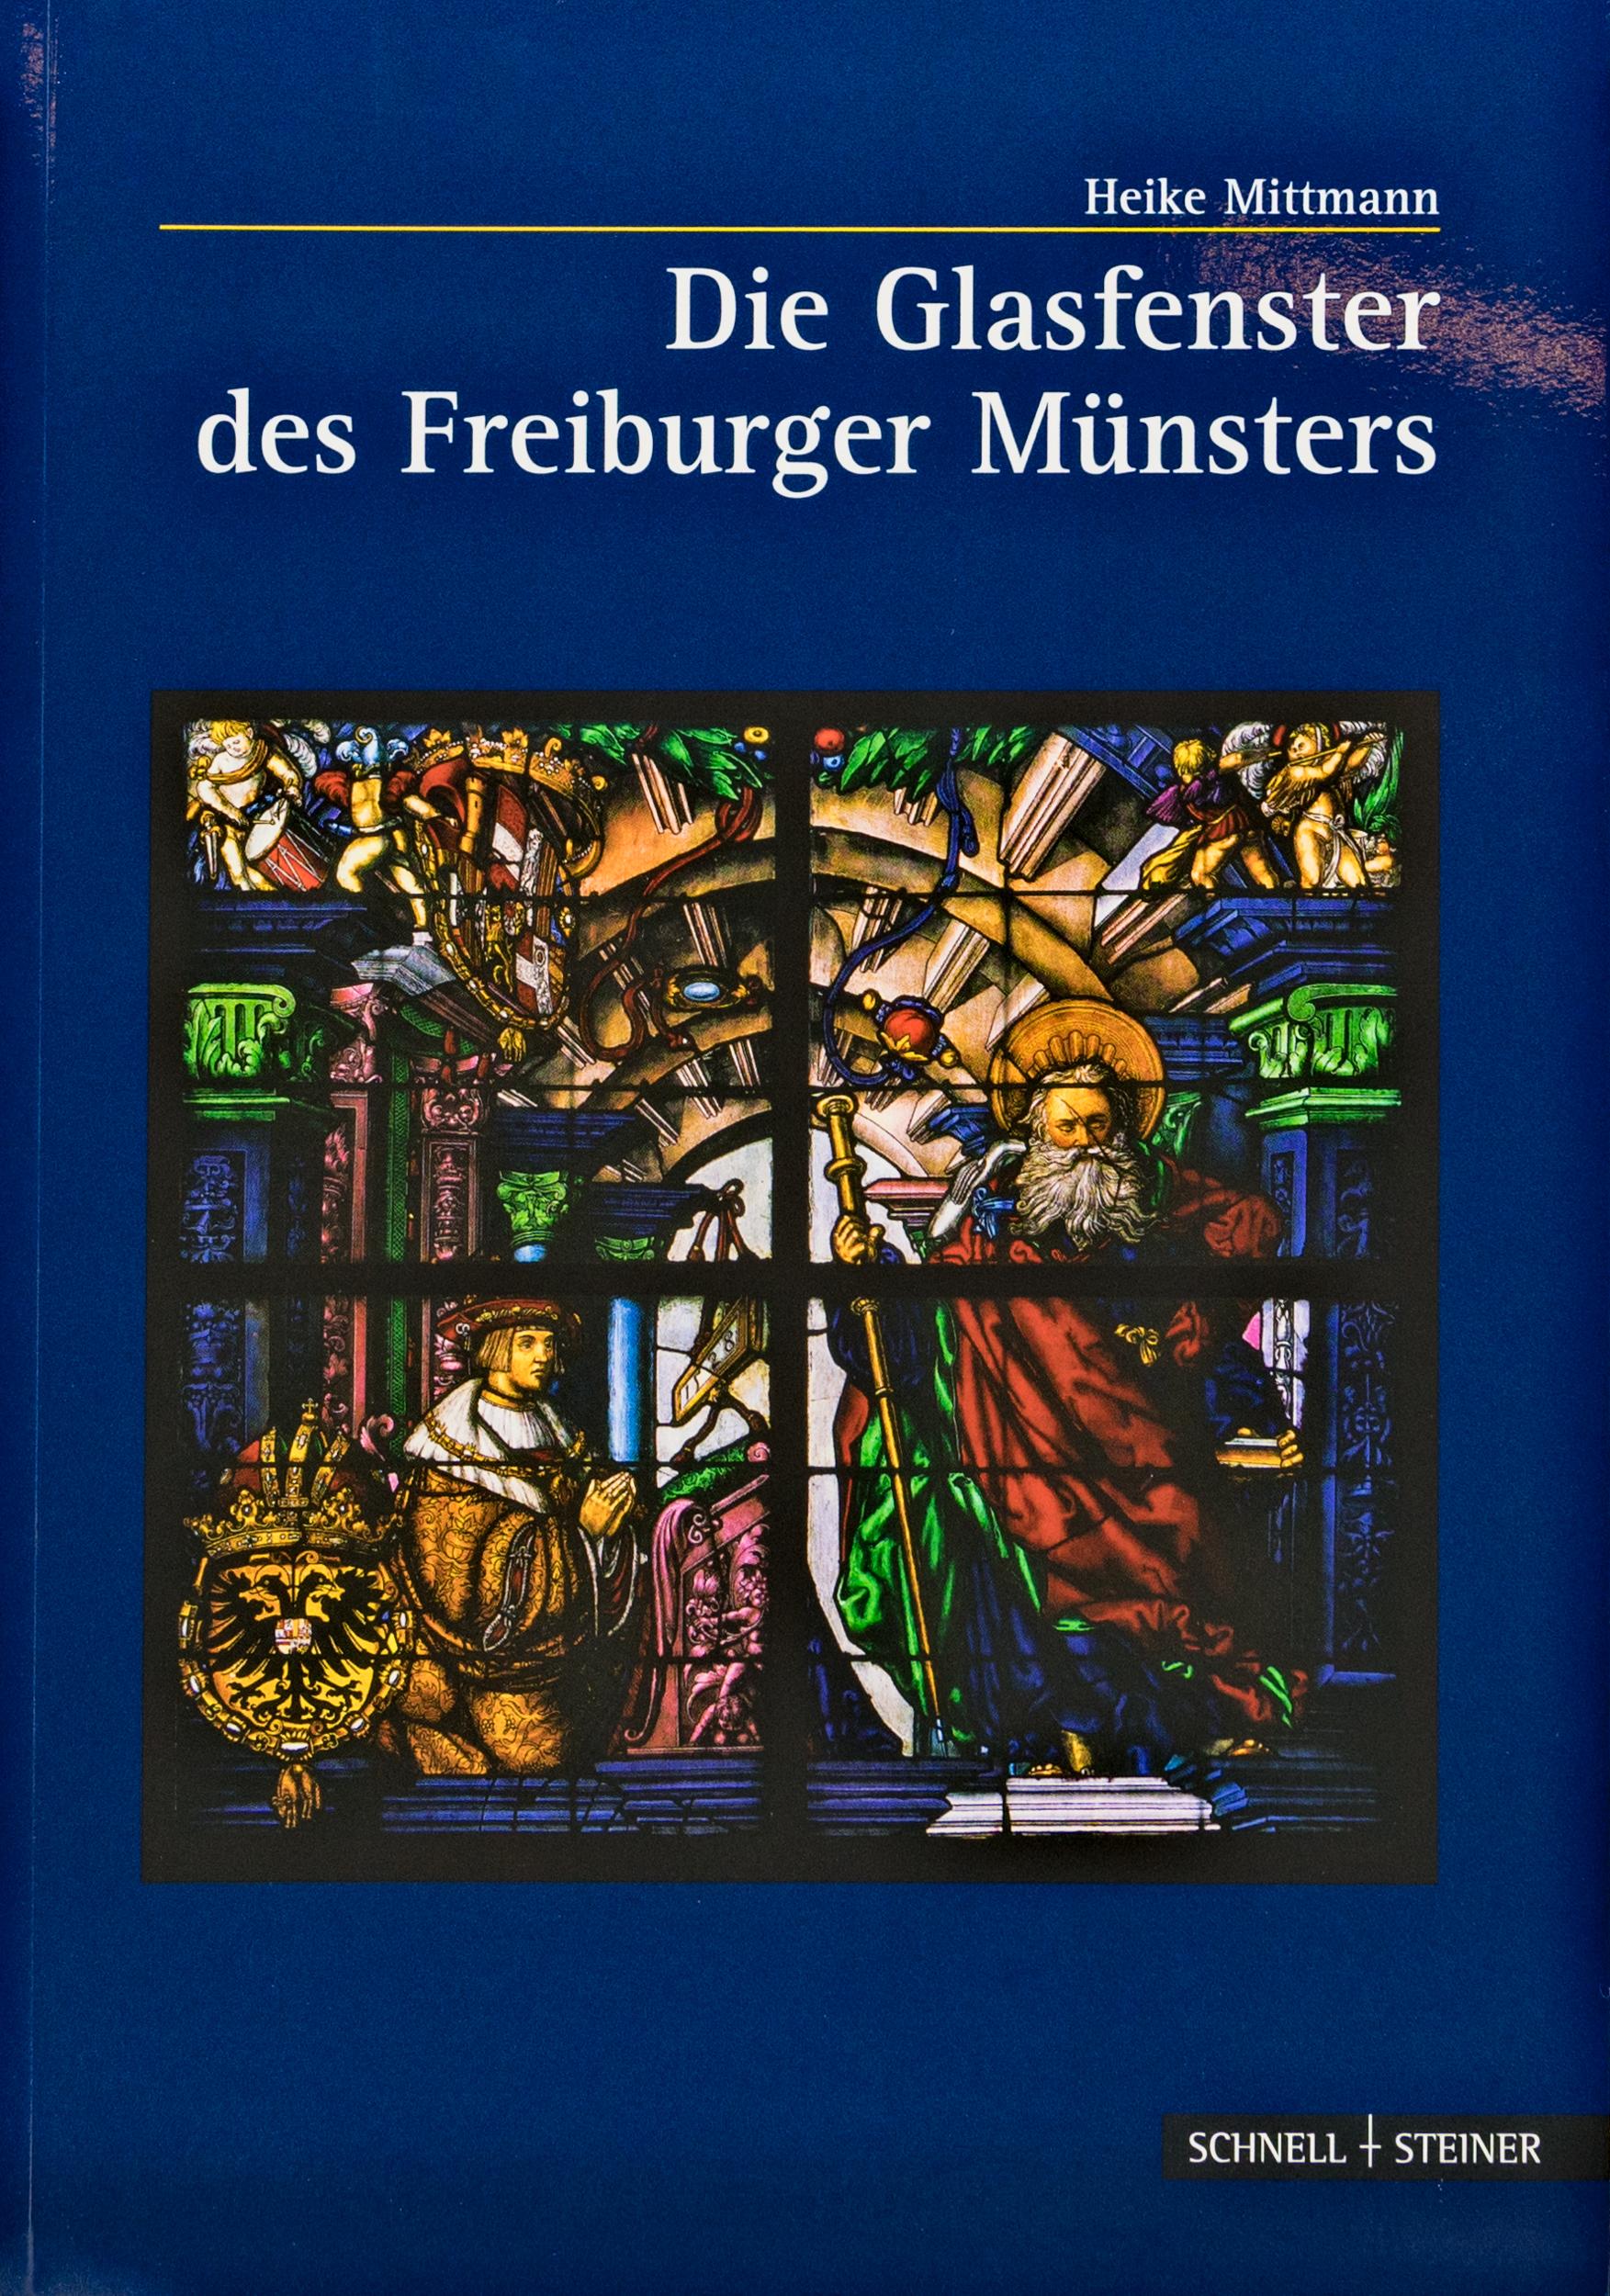 Münsterladen Freiburg Buch Geschenk Glasfenster des Freiburger Münsters